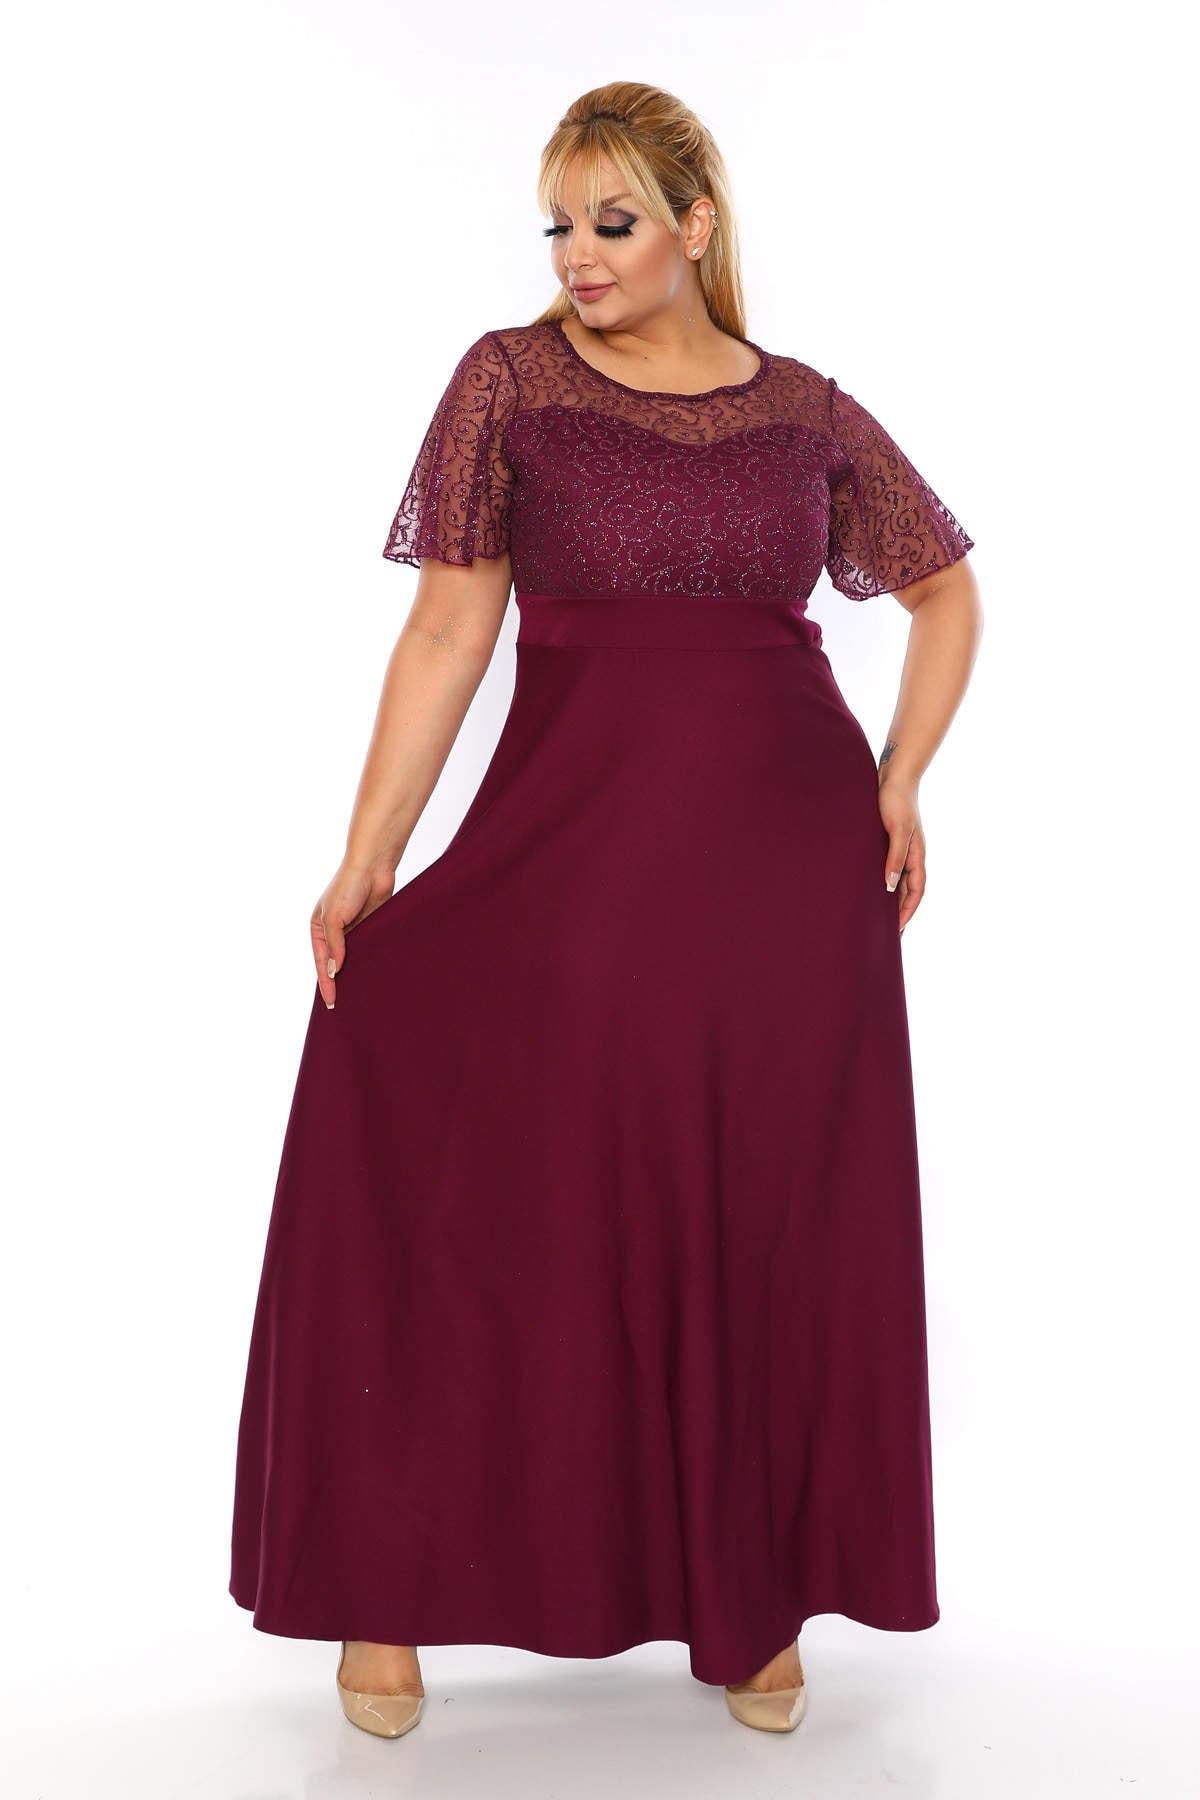 ANGELINO Kadın Mor Dantel Detay Uzun Abiye Elbise T109944